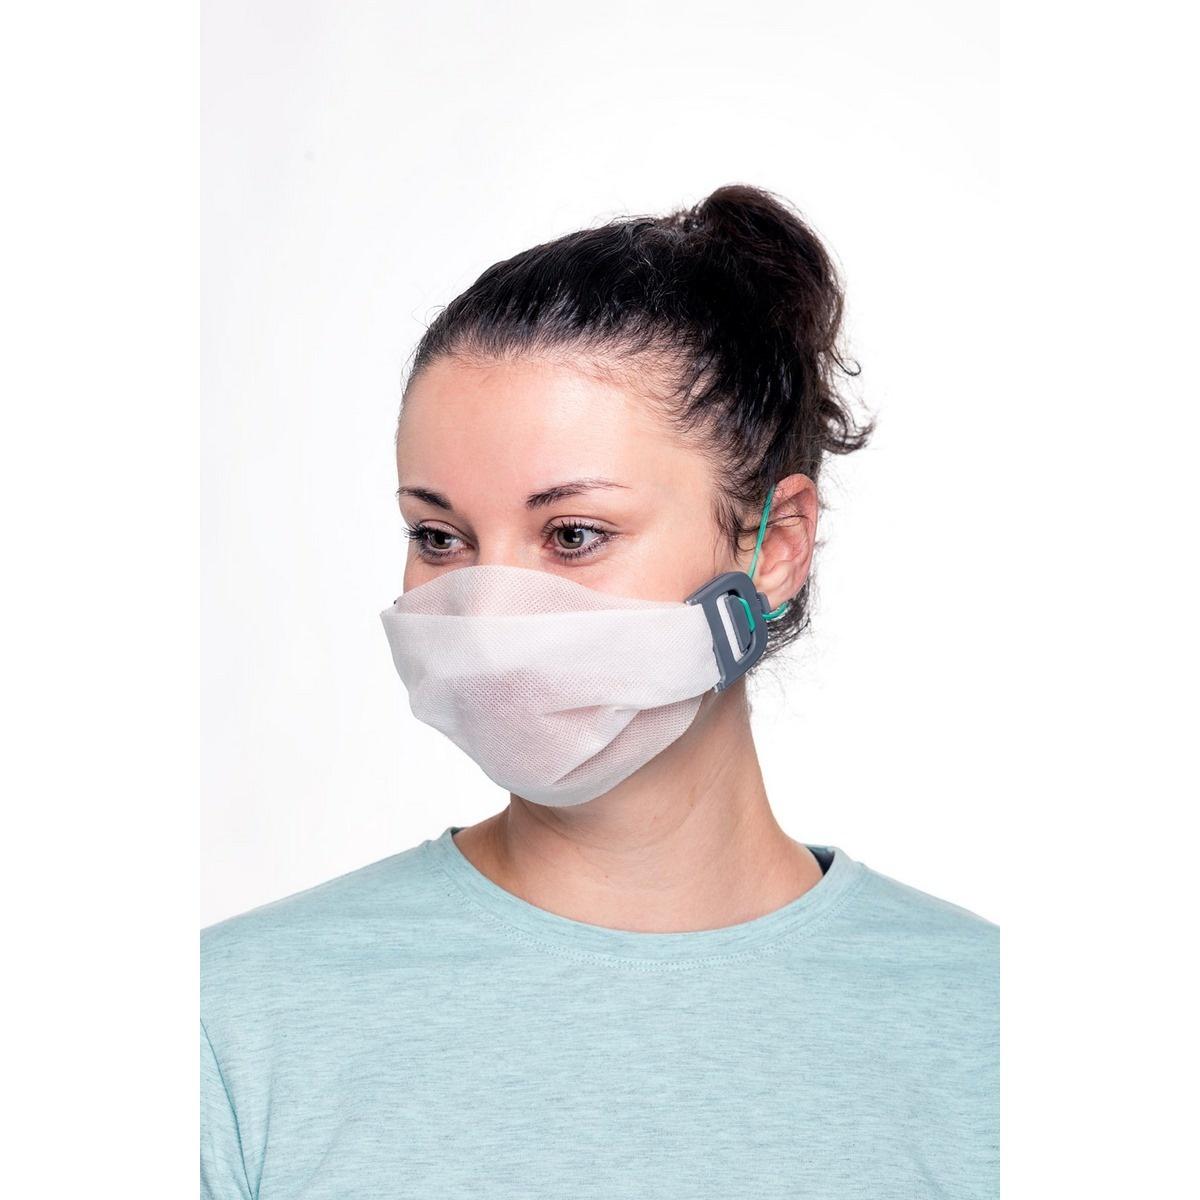 Plastia Clemă pentru mască antracit S imagine 2021 e4home.ro